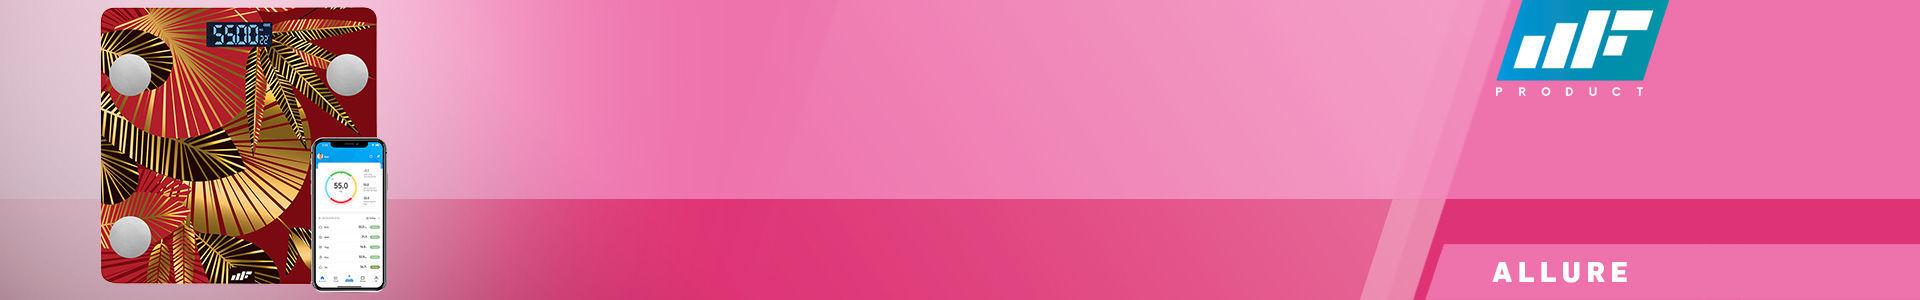 MF Product Allure 0532 Vücut Analizli Akıllı Tartı Günbatımı en iyi fiyata stokta!